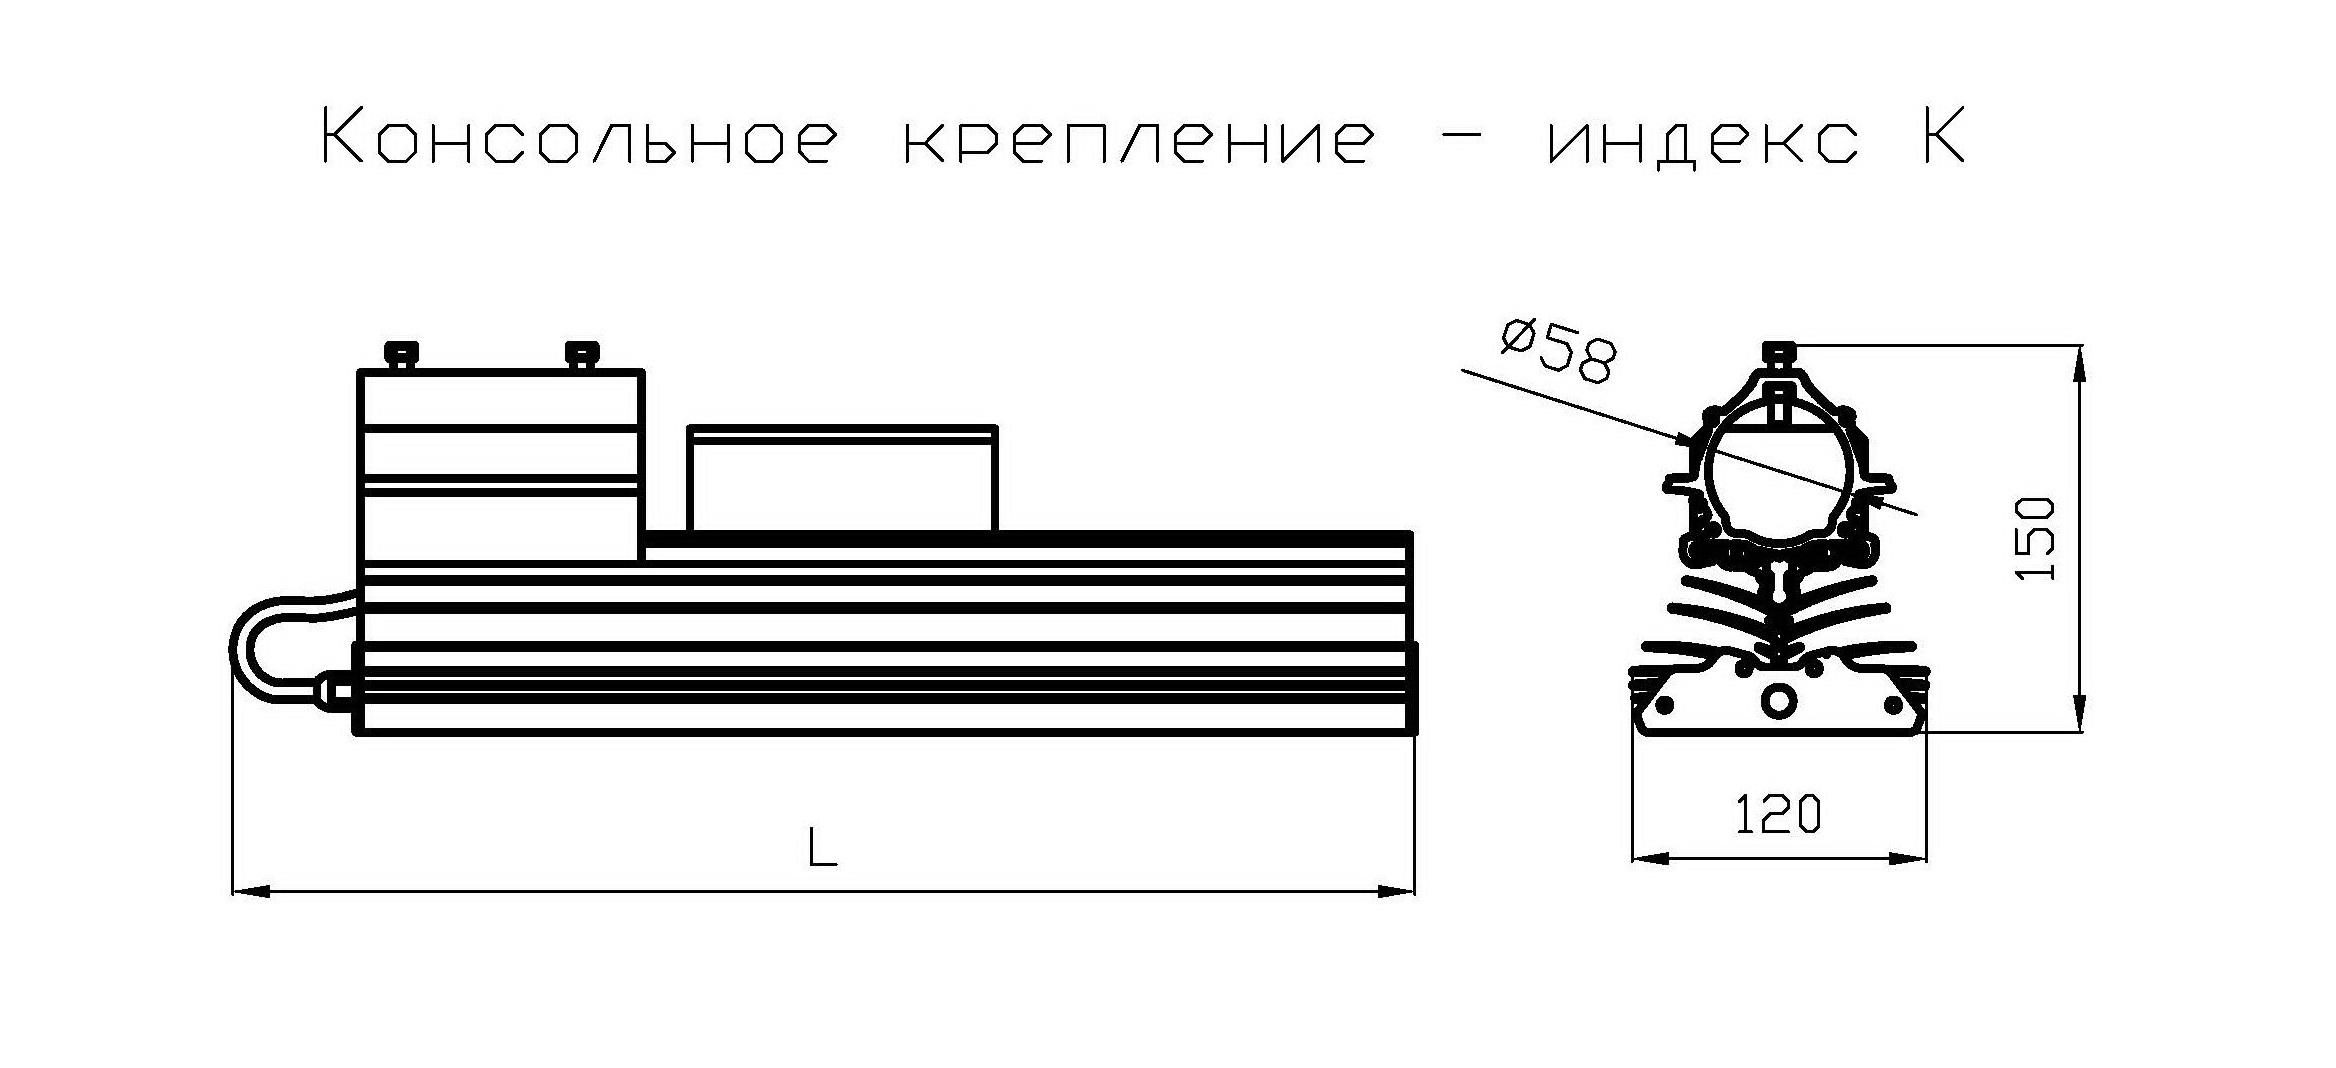 КОНСТРУКЦИЯ QUANTUM ДКУ 60/1М8-5000